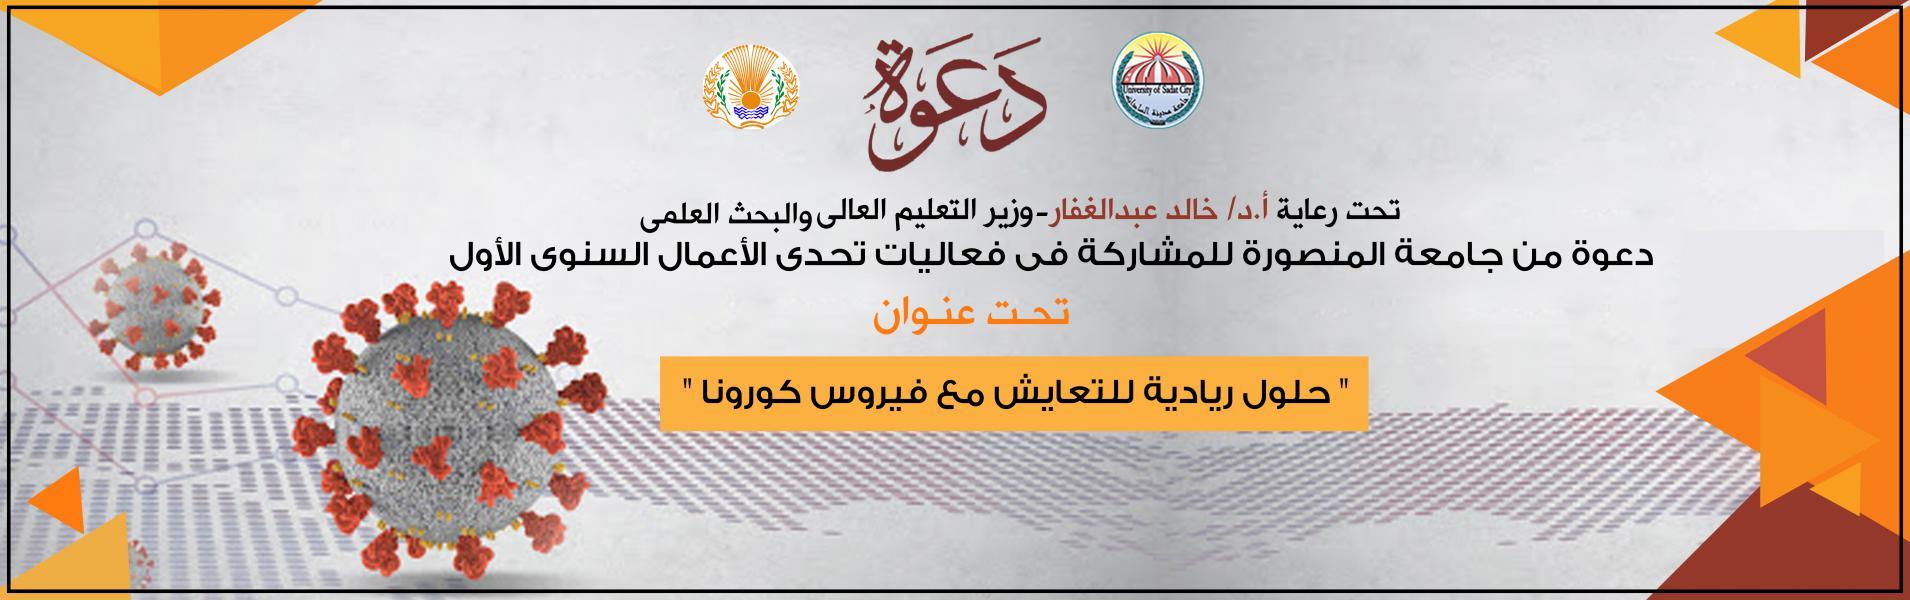 دعوة جامعة مدينة السادات للمشاركة فى مسابقة تحدى الأعمال السنوى الأول بجامعة المنصورة